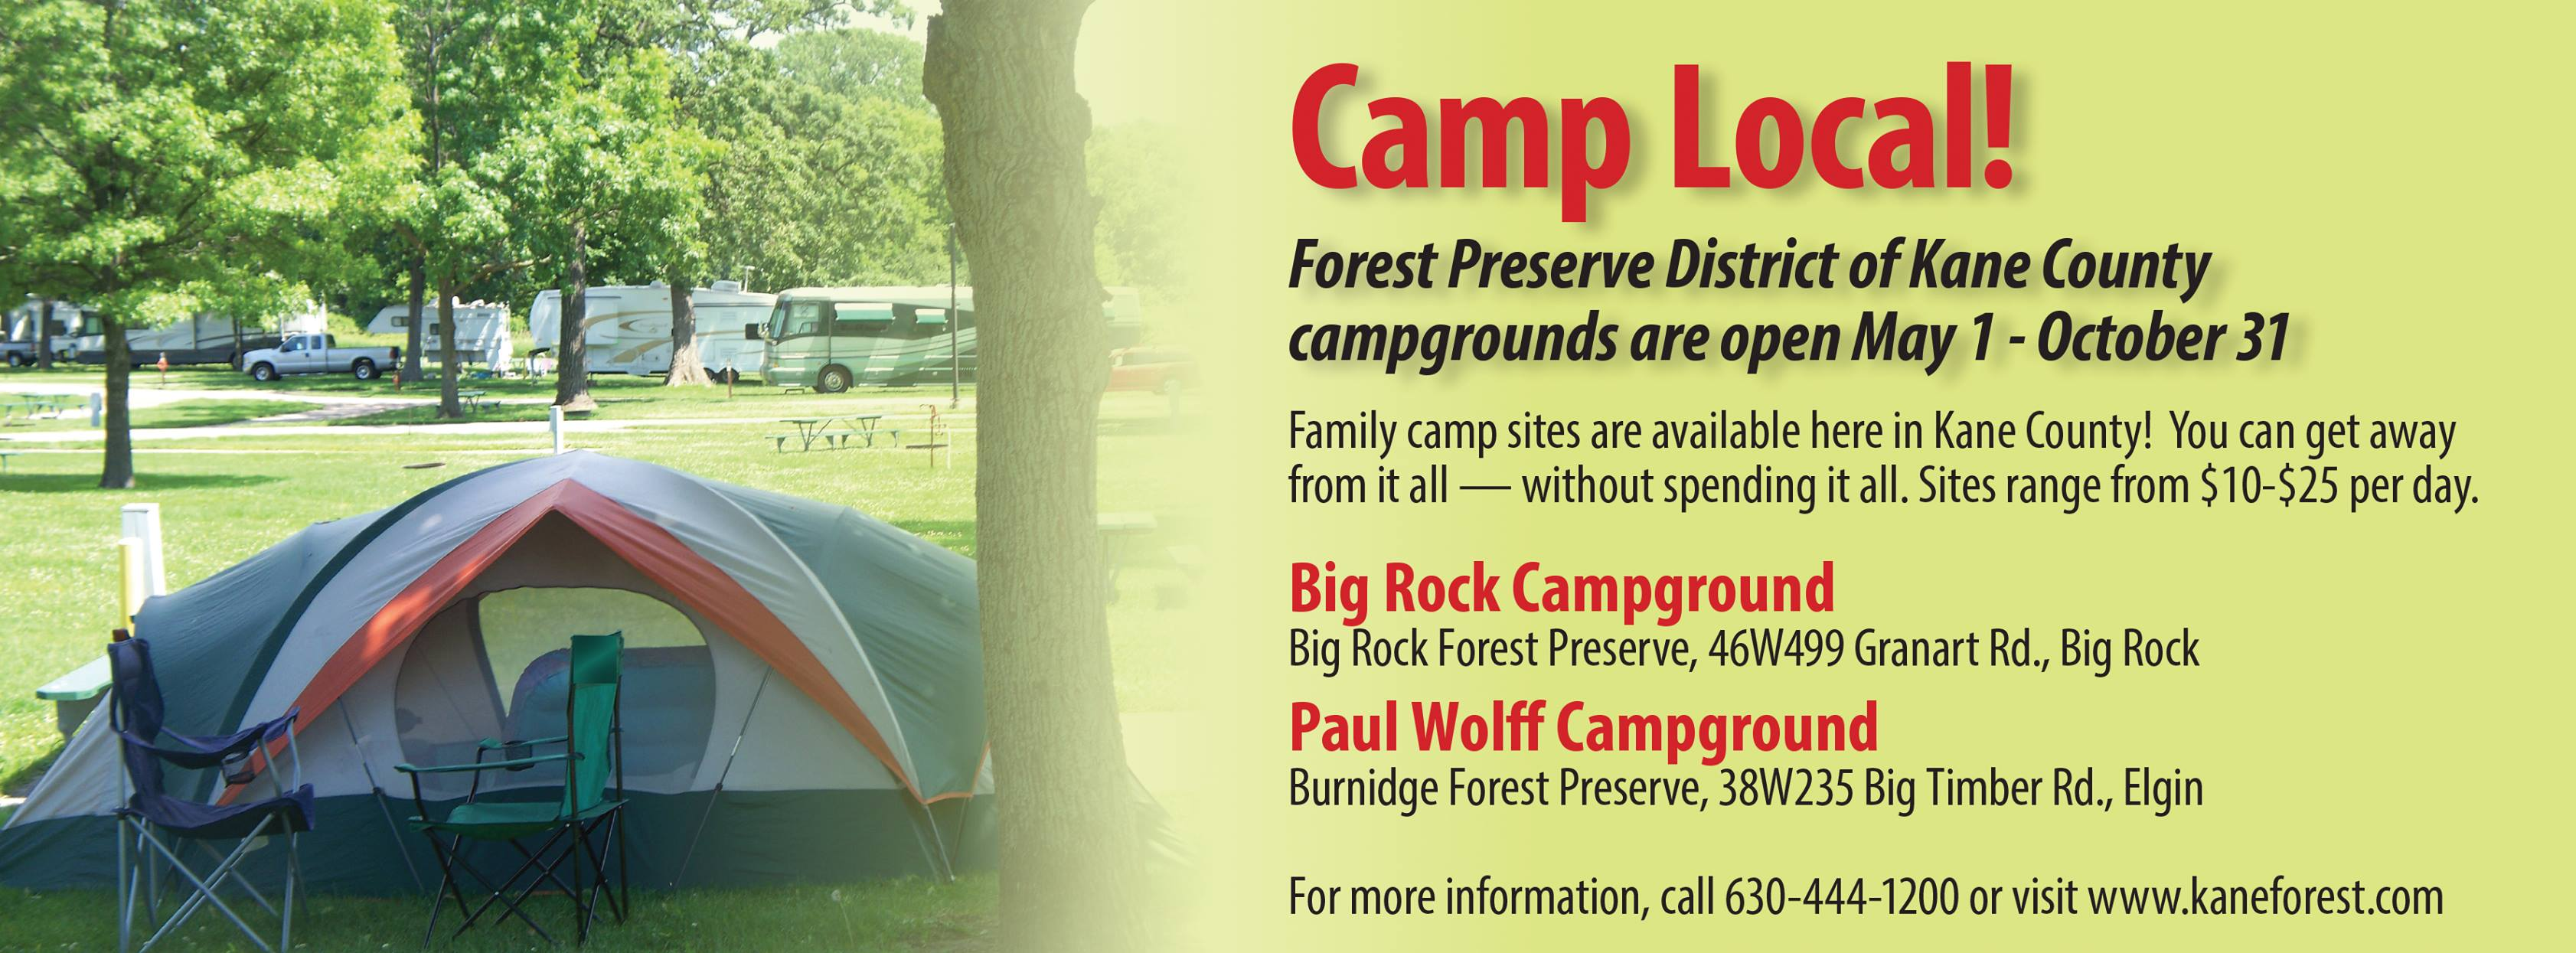 Camp Local!